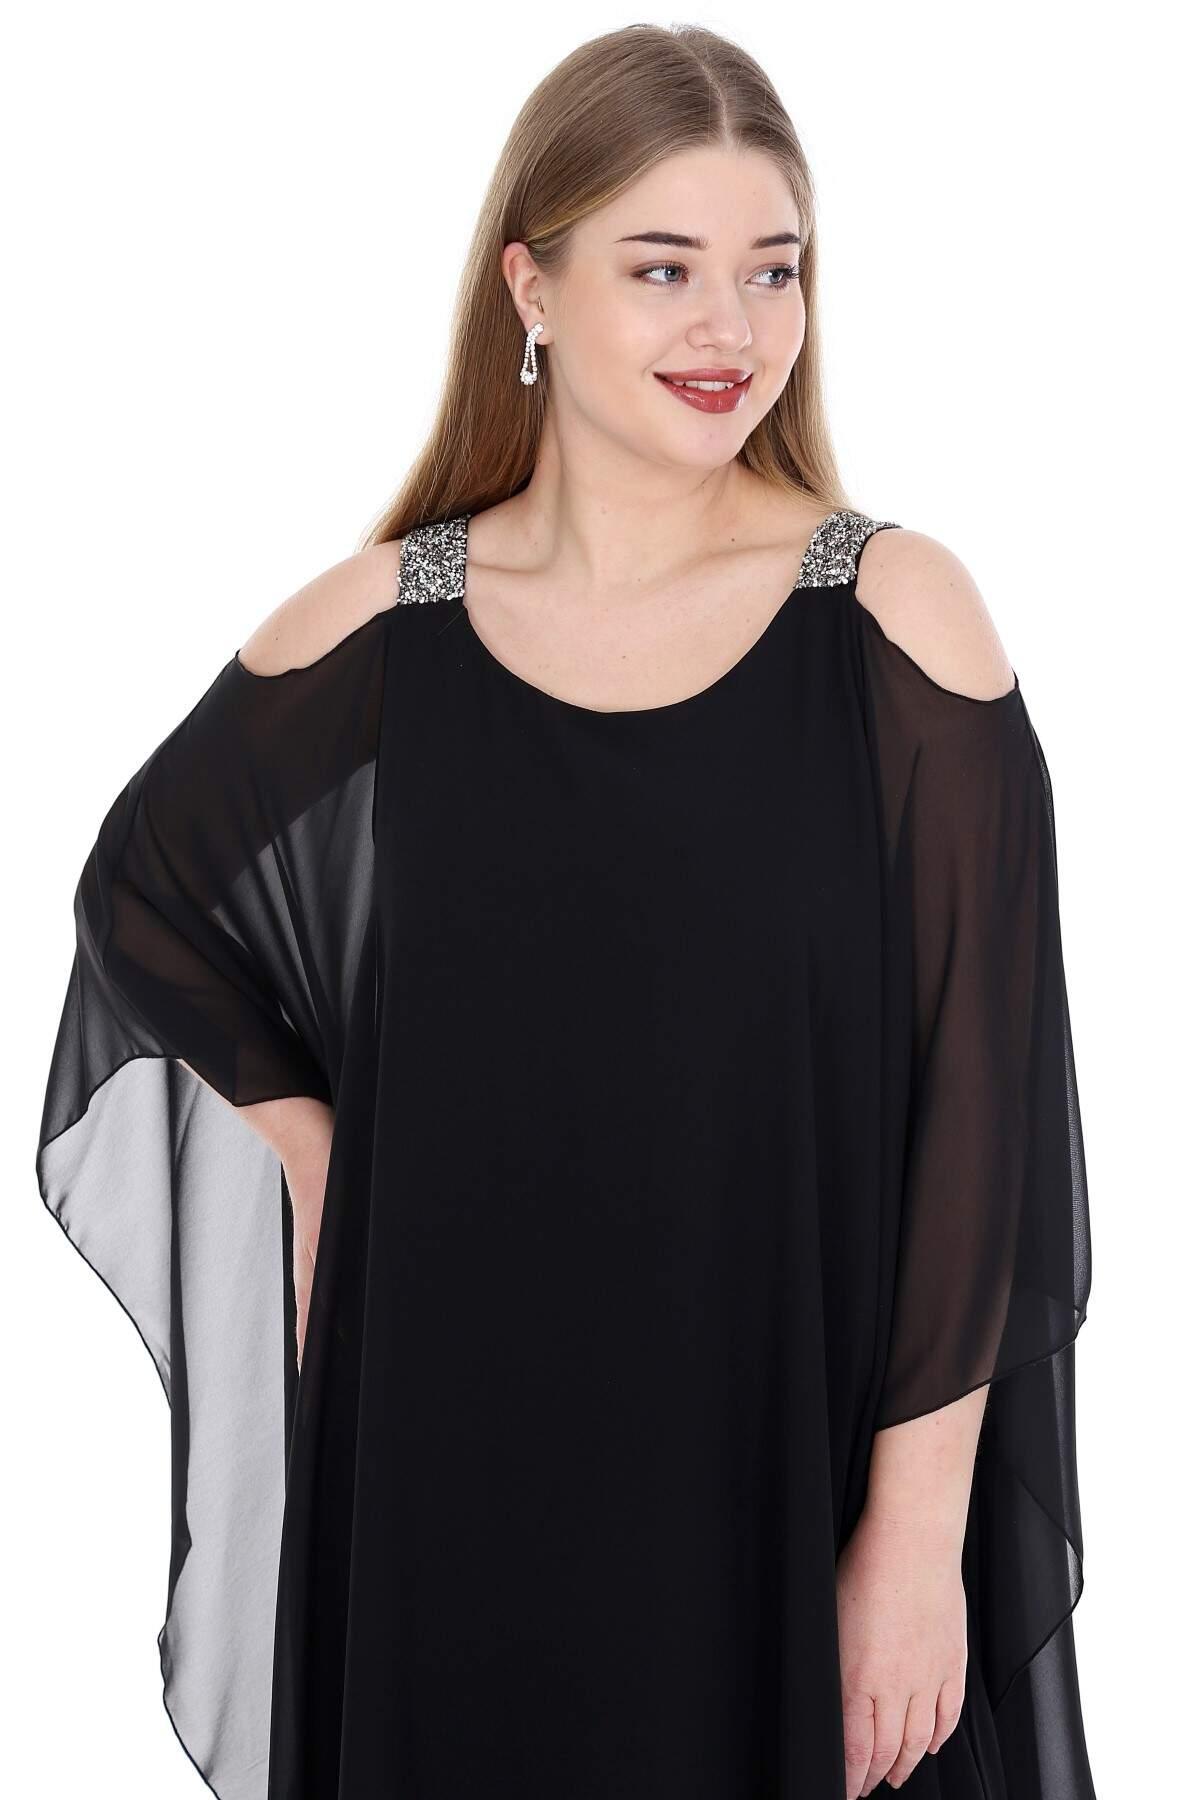 Büyük Beden Omuzları Taşlı Askılı Şifon Elbise KL805